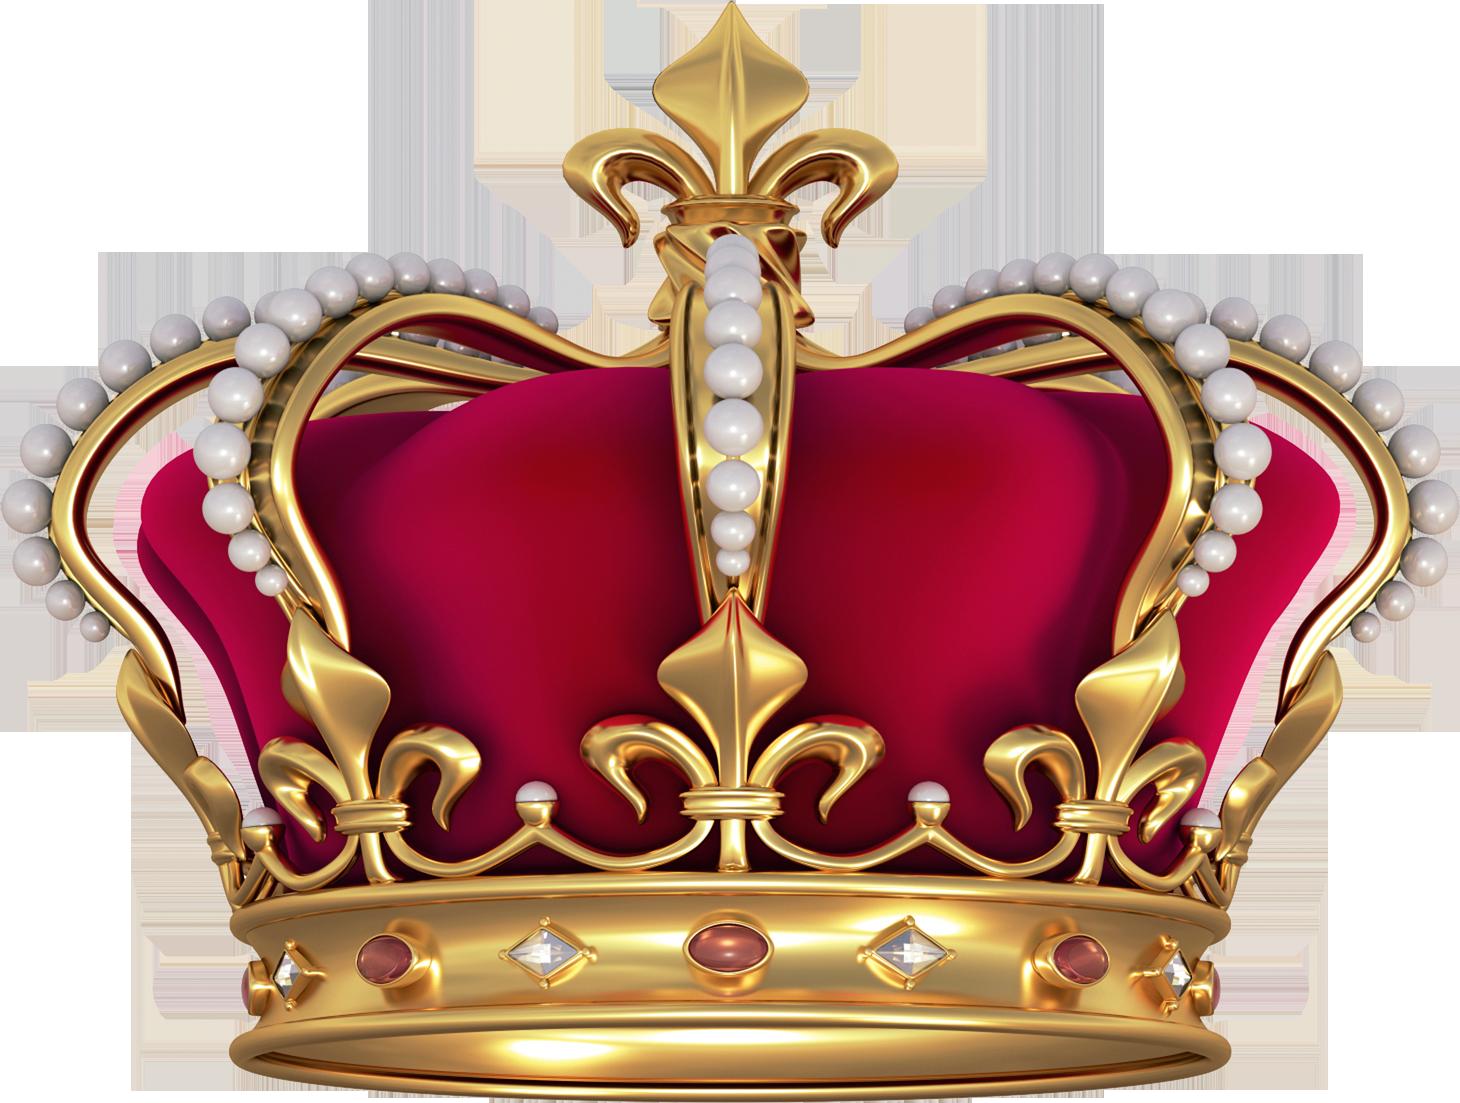 Рисунки корон царей